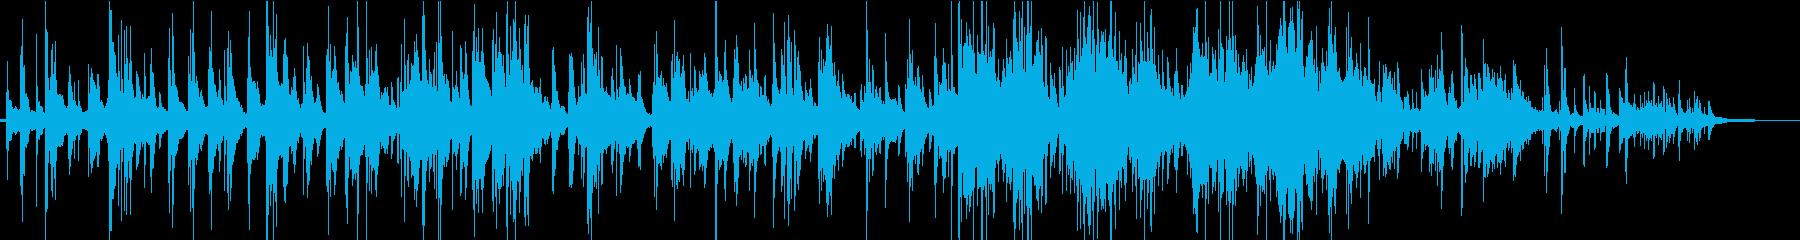 おだやかなピアノソロのインストの再生済みの波形